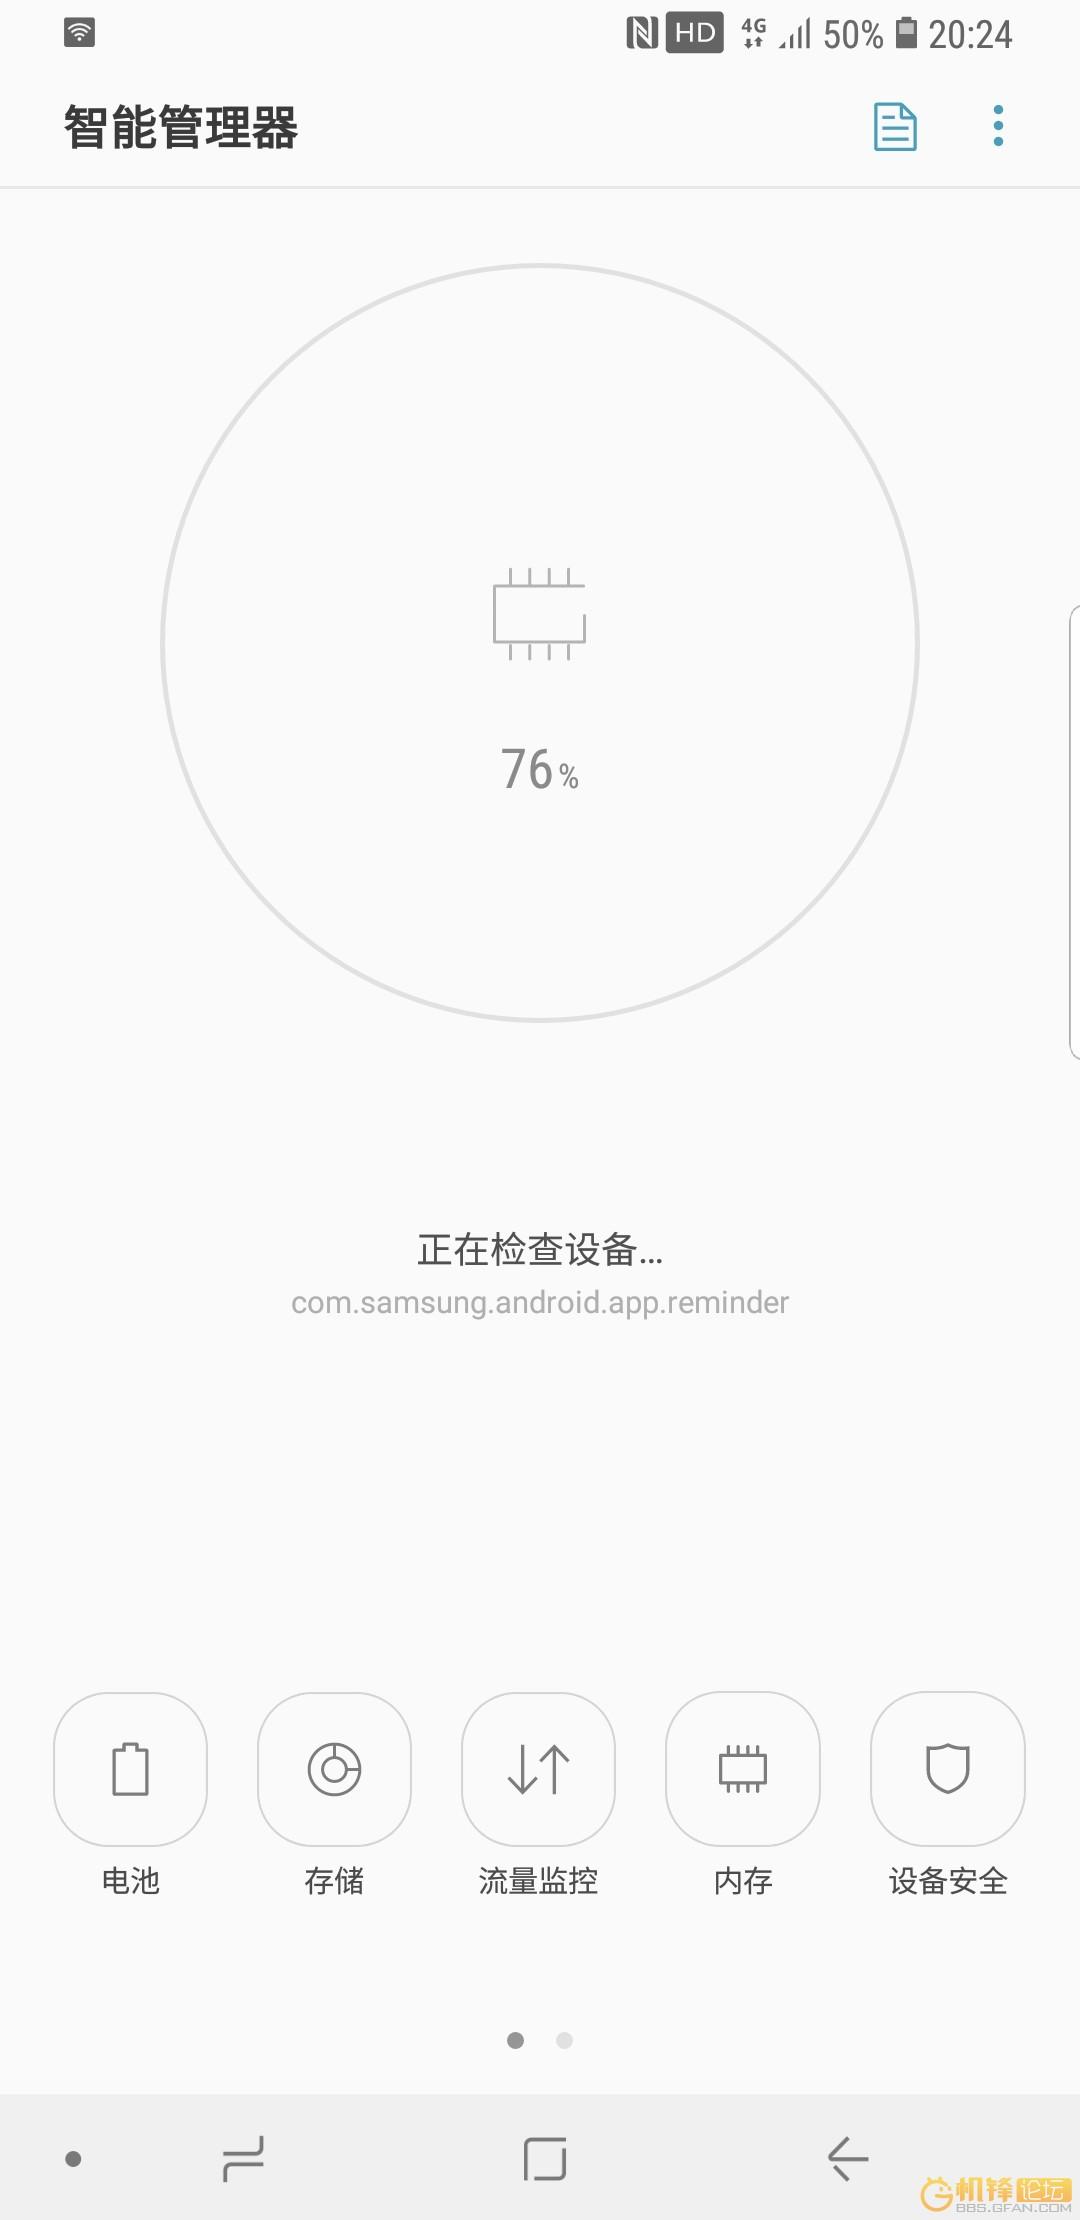 Screenshot_Smart Manager_20171225-202431.jpg